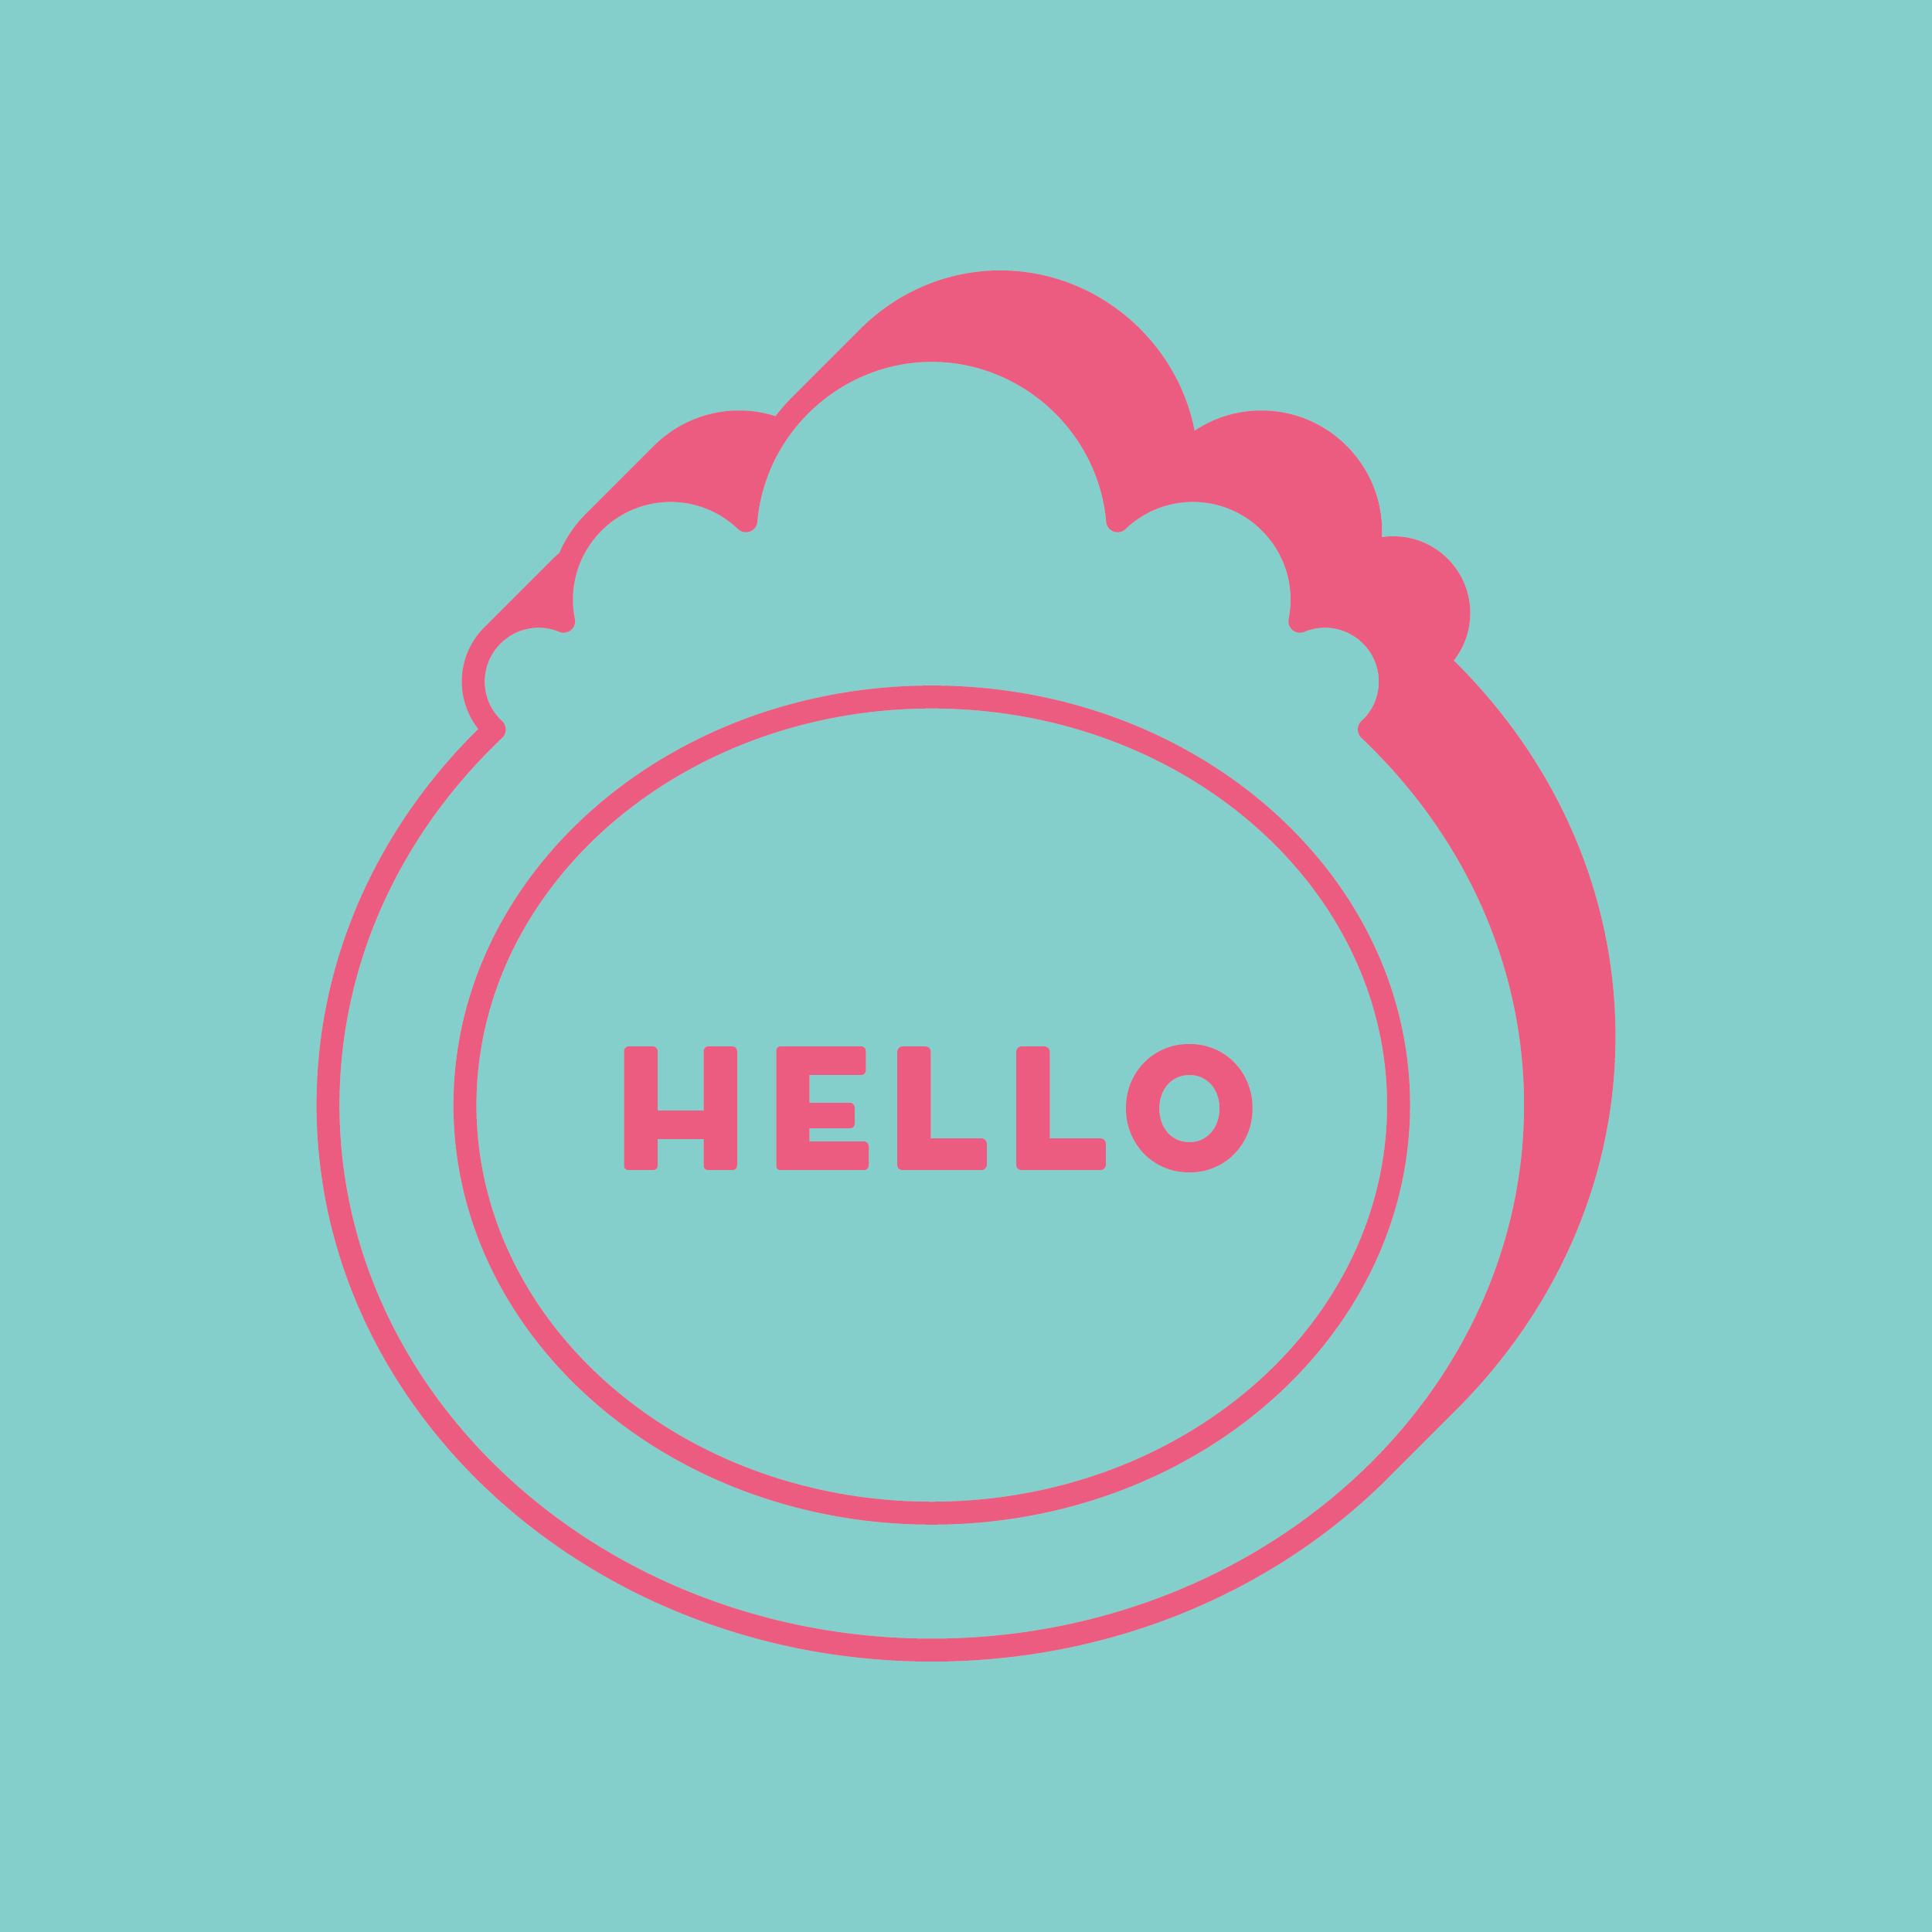 Helloframe.jpg